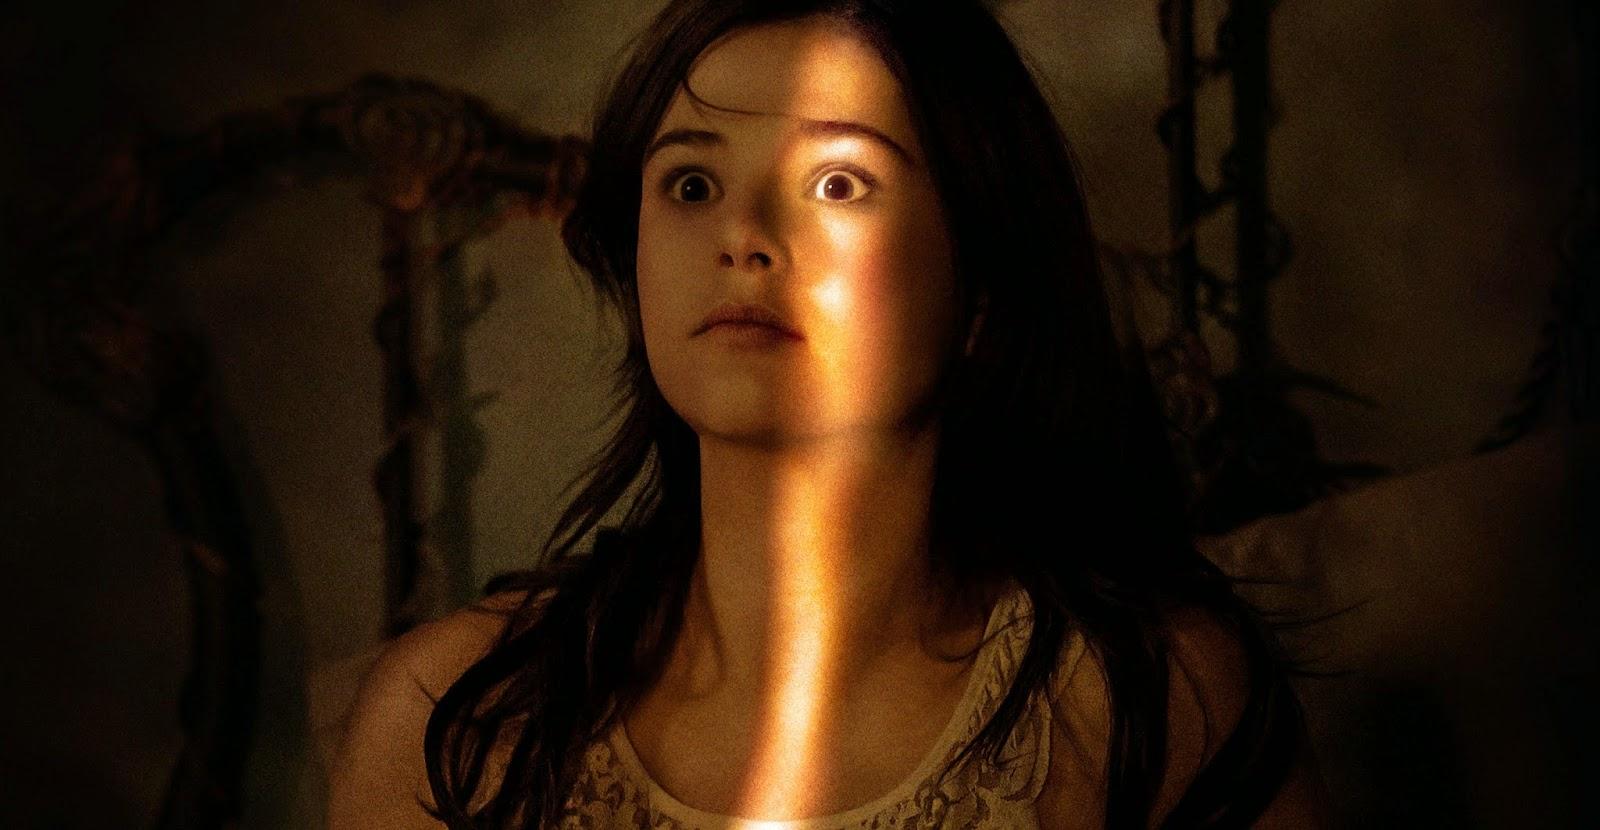 Trailer legendado, pôsteres internacionais e imagens inéditas do terror Sobrenatural: A Origem